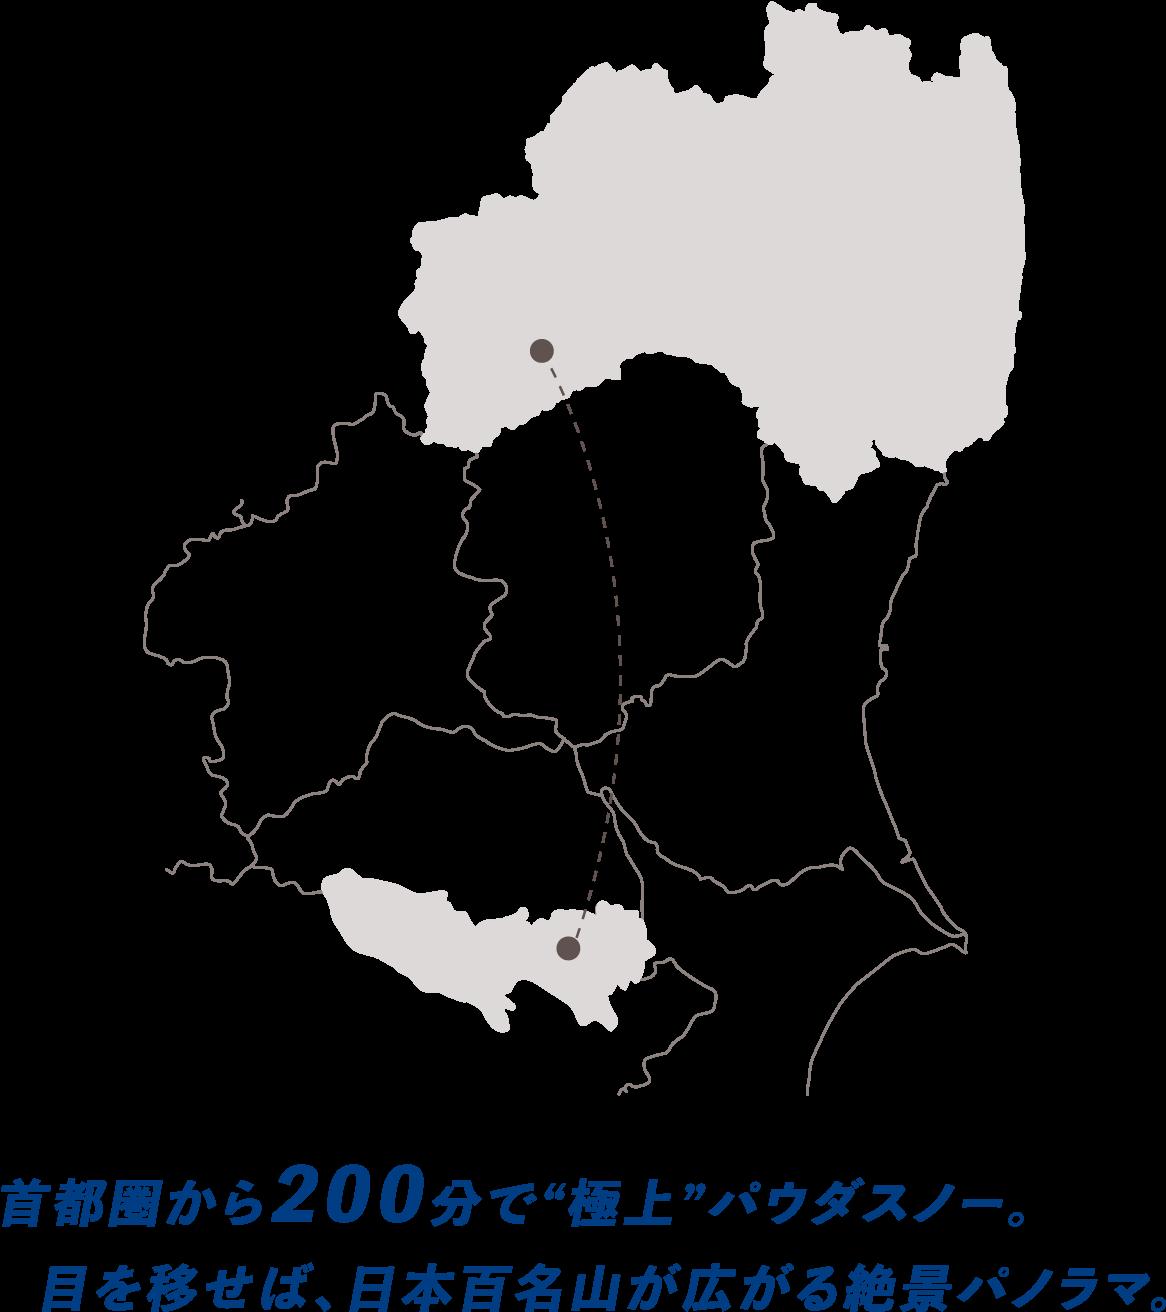 """首都圏から200分で""""極上""""パウダスノー。目を移せば、日本百名山が広がる絶景パノラマ。"""